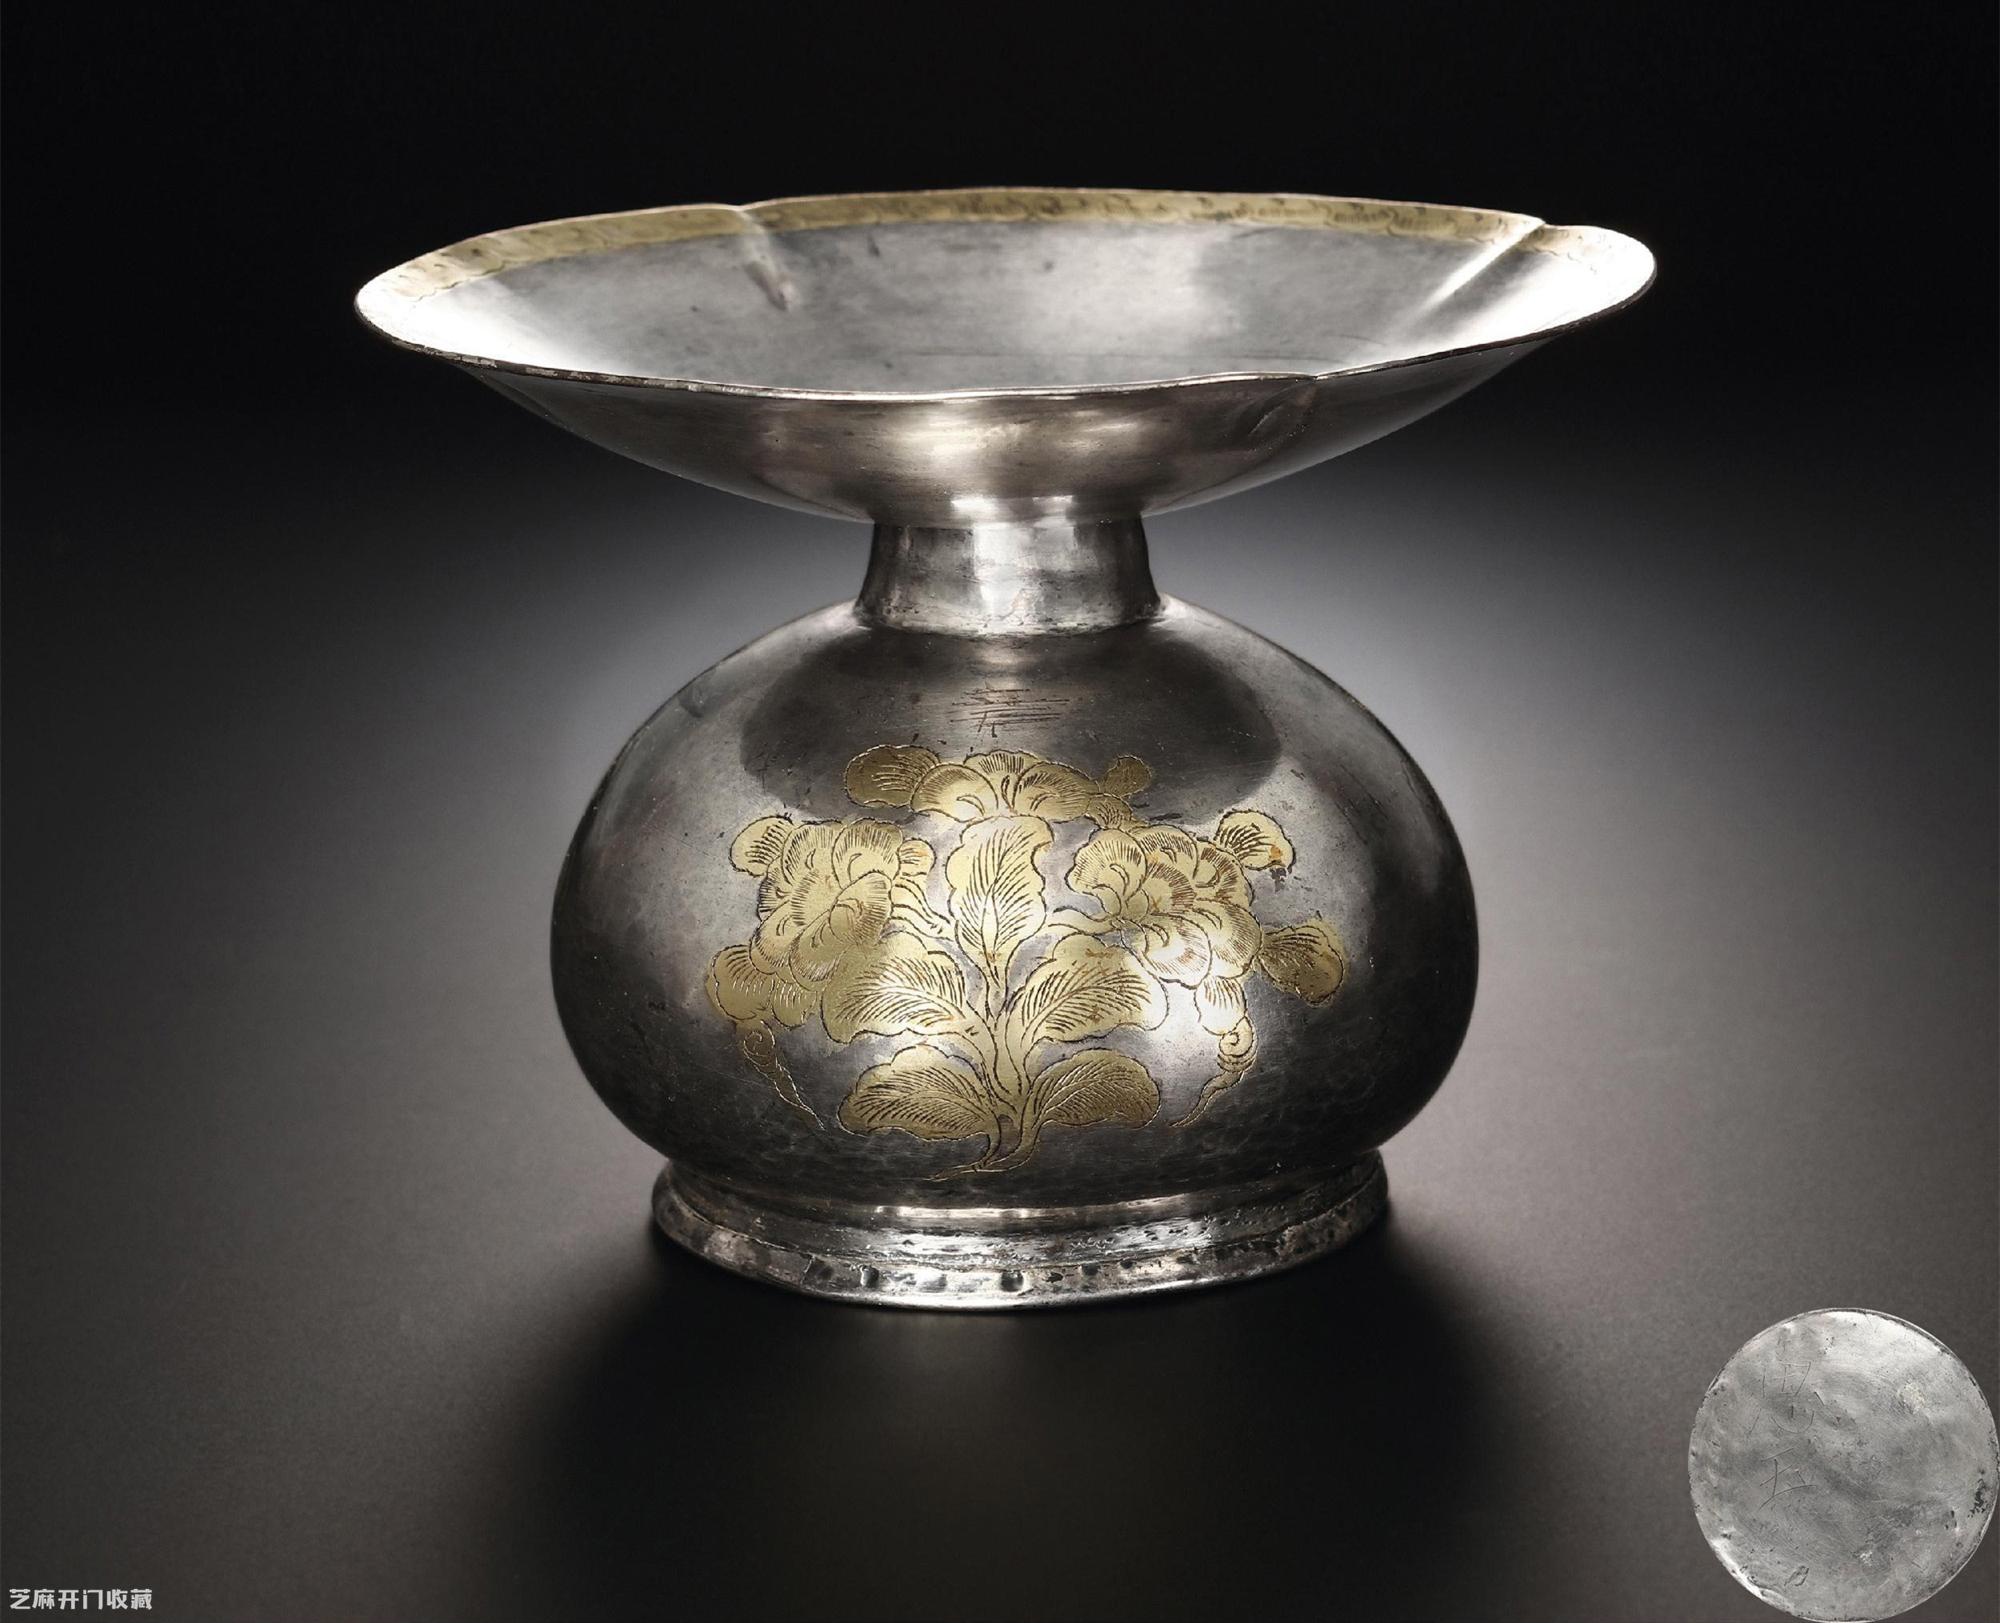 怎么鉴定银饰的纯度和真假